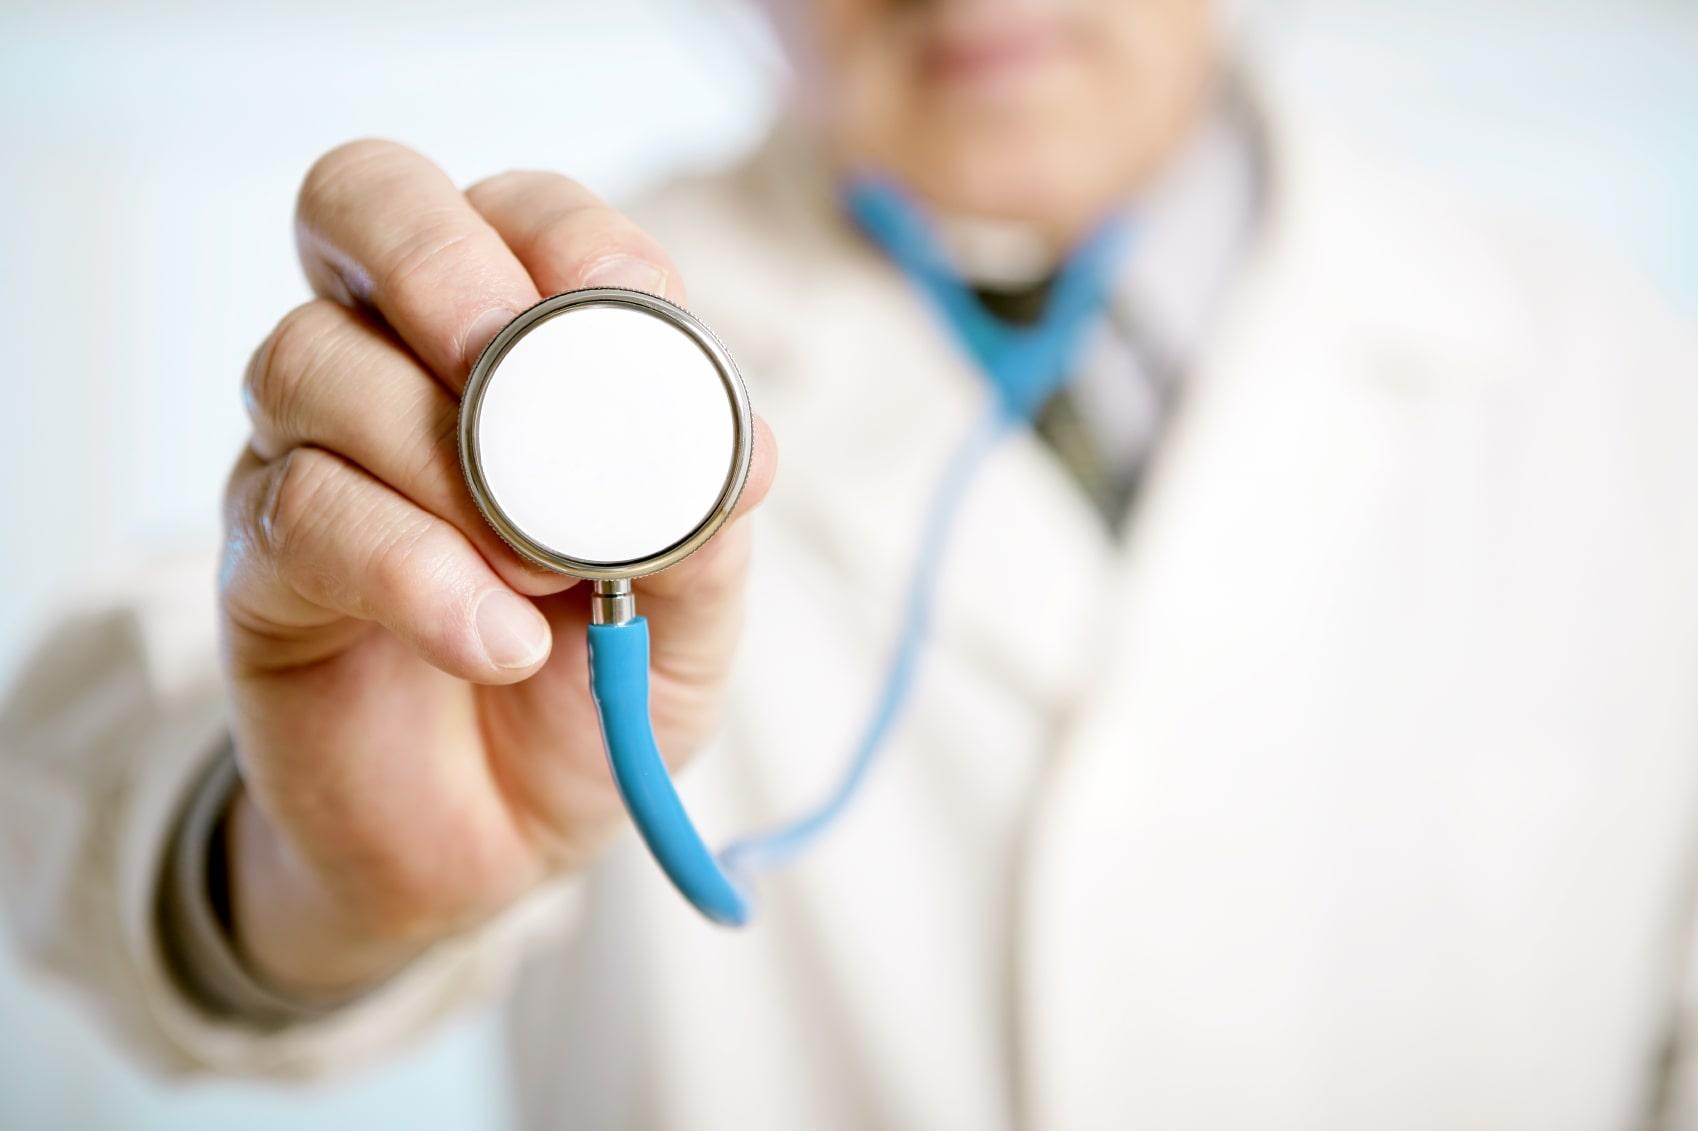 Метадоновая зависимость. Признаки и лечения